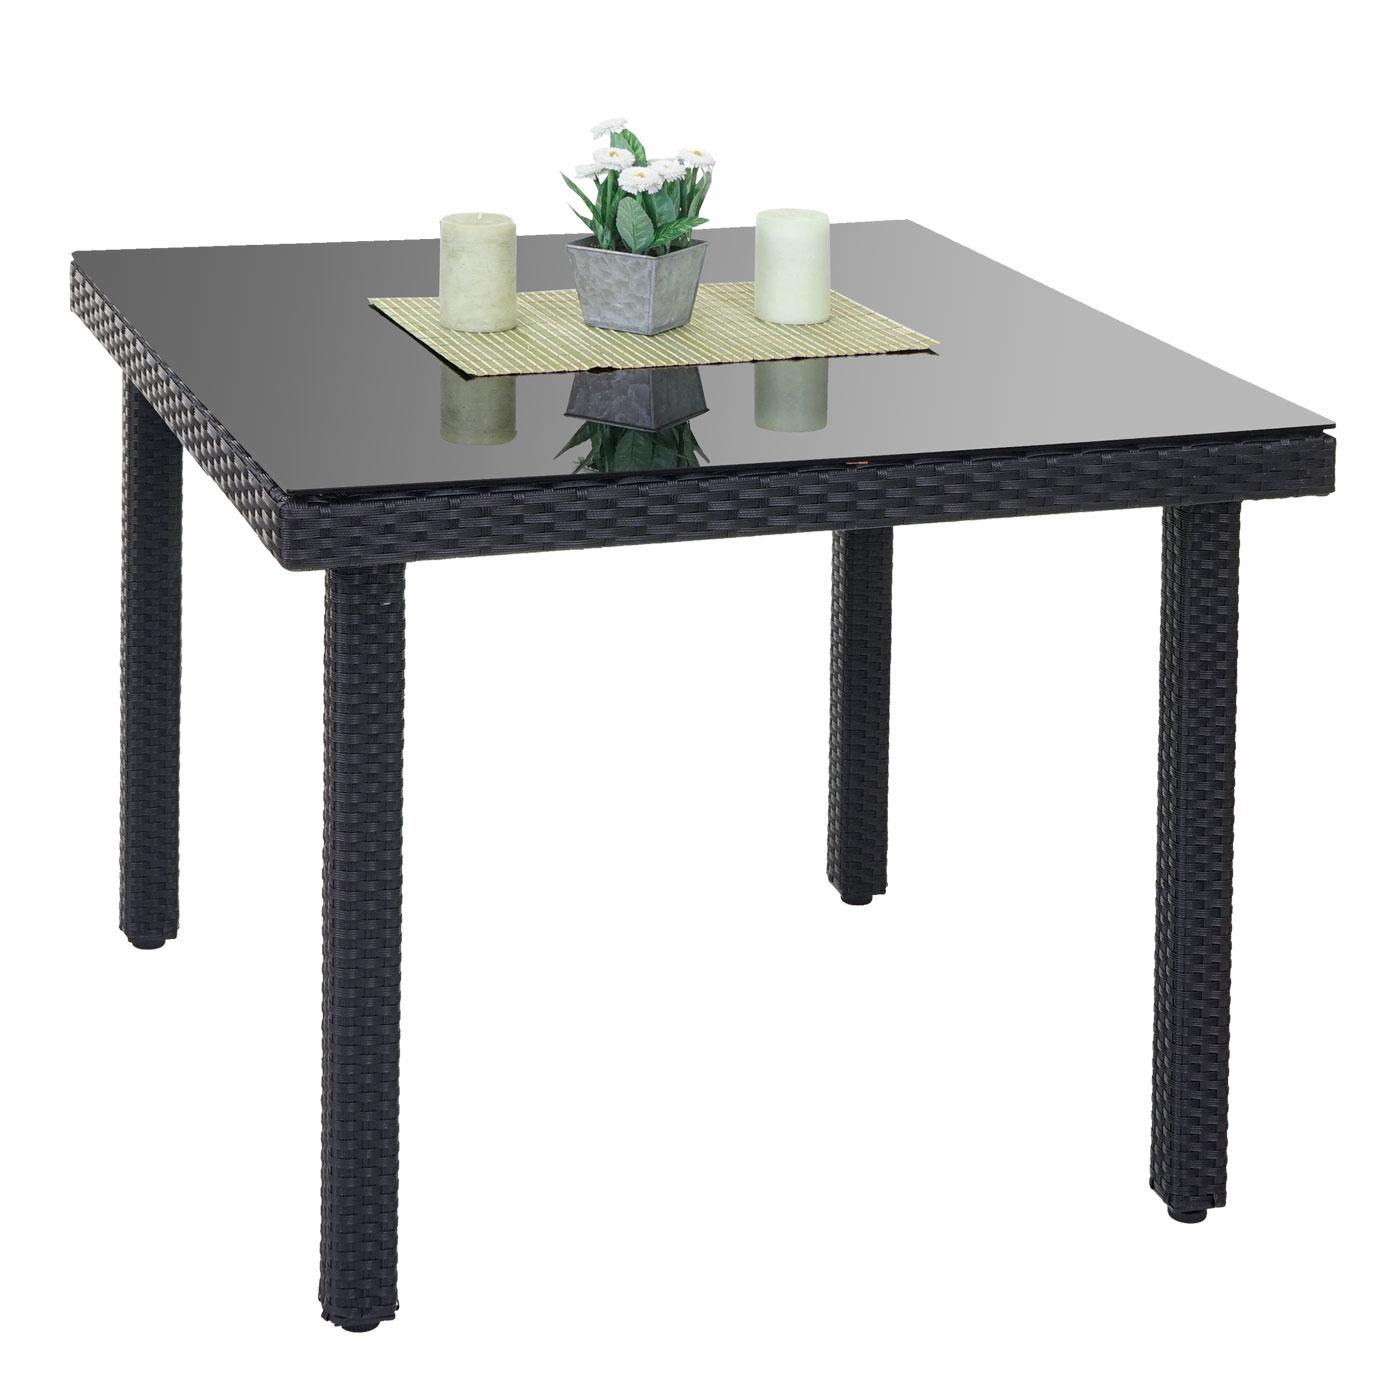 poly rattan gartentisch cava esstisch tisch mit glasplatte 90x90x74cm ebay. Black Bedroom Furniture Sets. Home Design Ideas